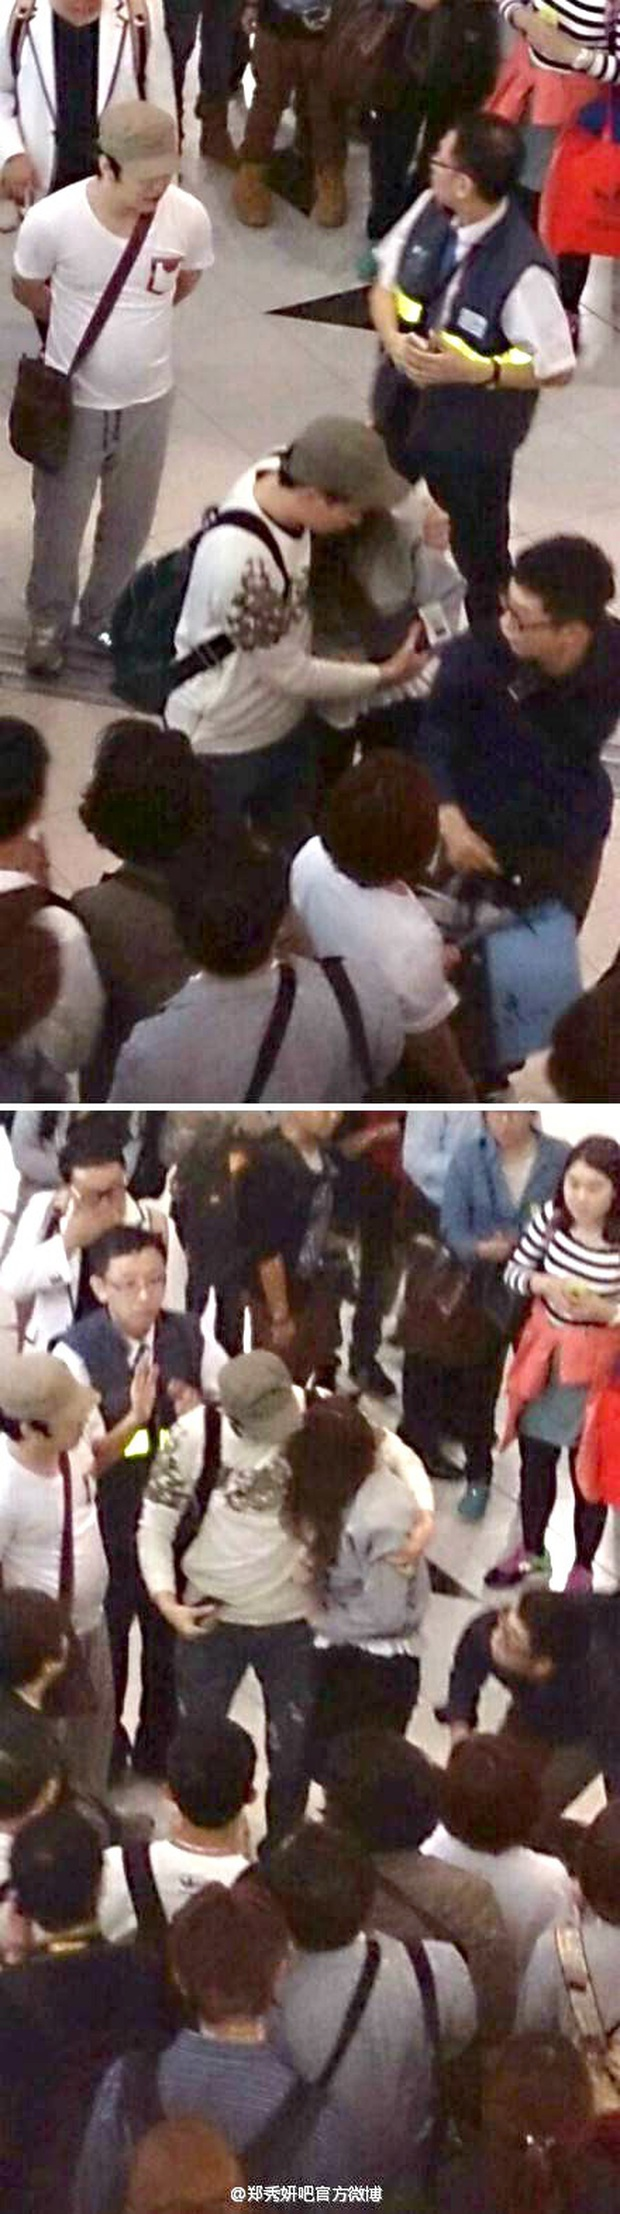 7 vụ tai nạn kinh hoàng nhất của SNSD: Sooyoung gãy xương, Taeyeon bị sờ mó, Tiffany được khen vì hành động bất ngờ - Ảnh 9.